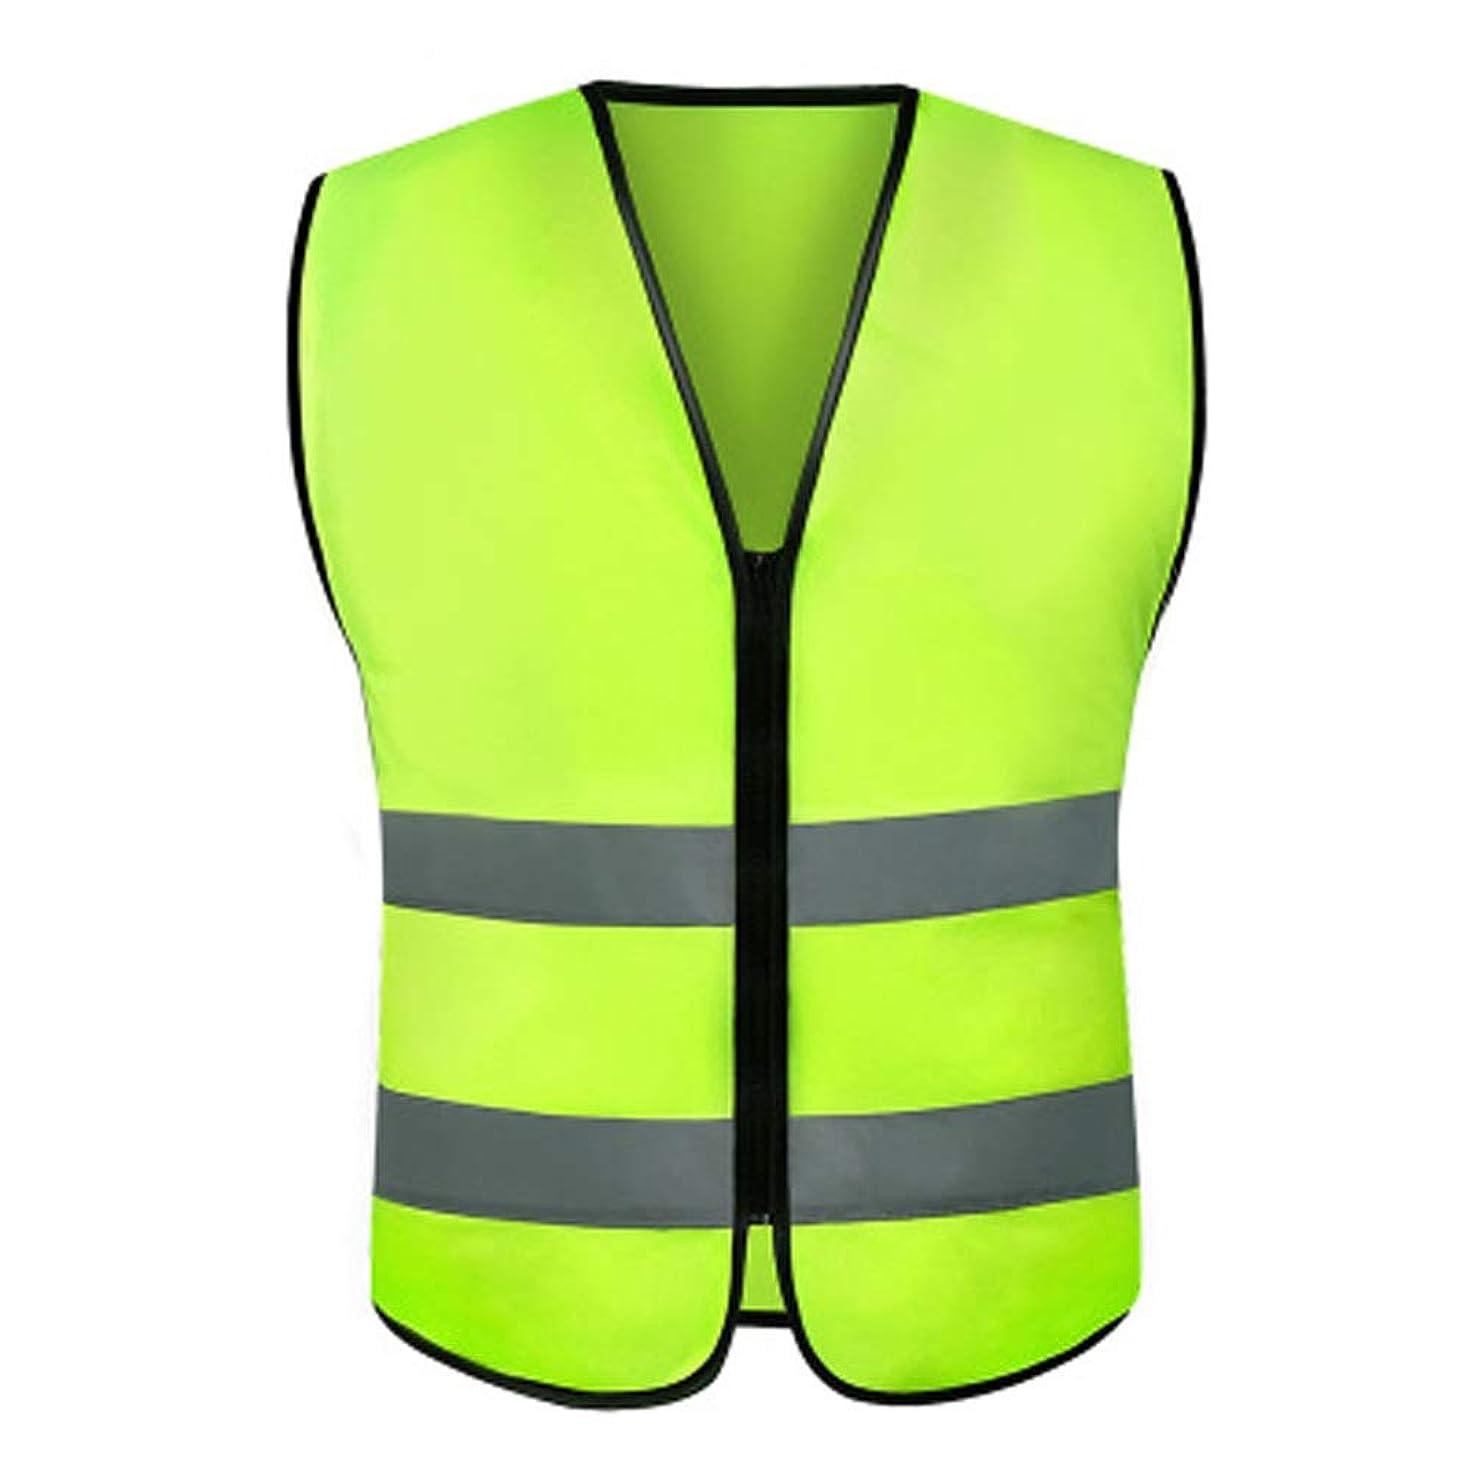 考えるアンケートワークショップDjyyh 安全ベスト、ライダー、サーベイヤー、ボランティア、男女、オーバーオール、反射、高エネルギー (Color : Fluorescent green)